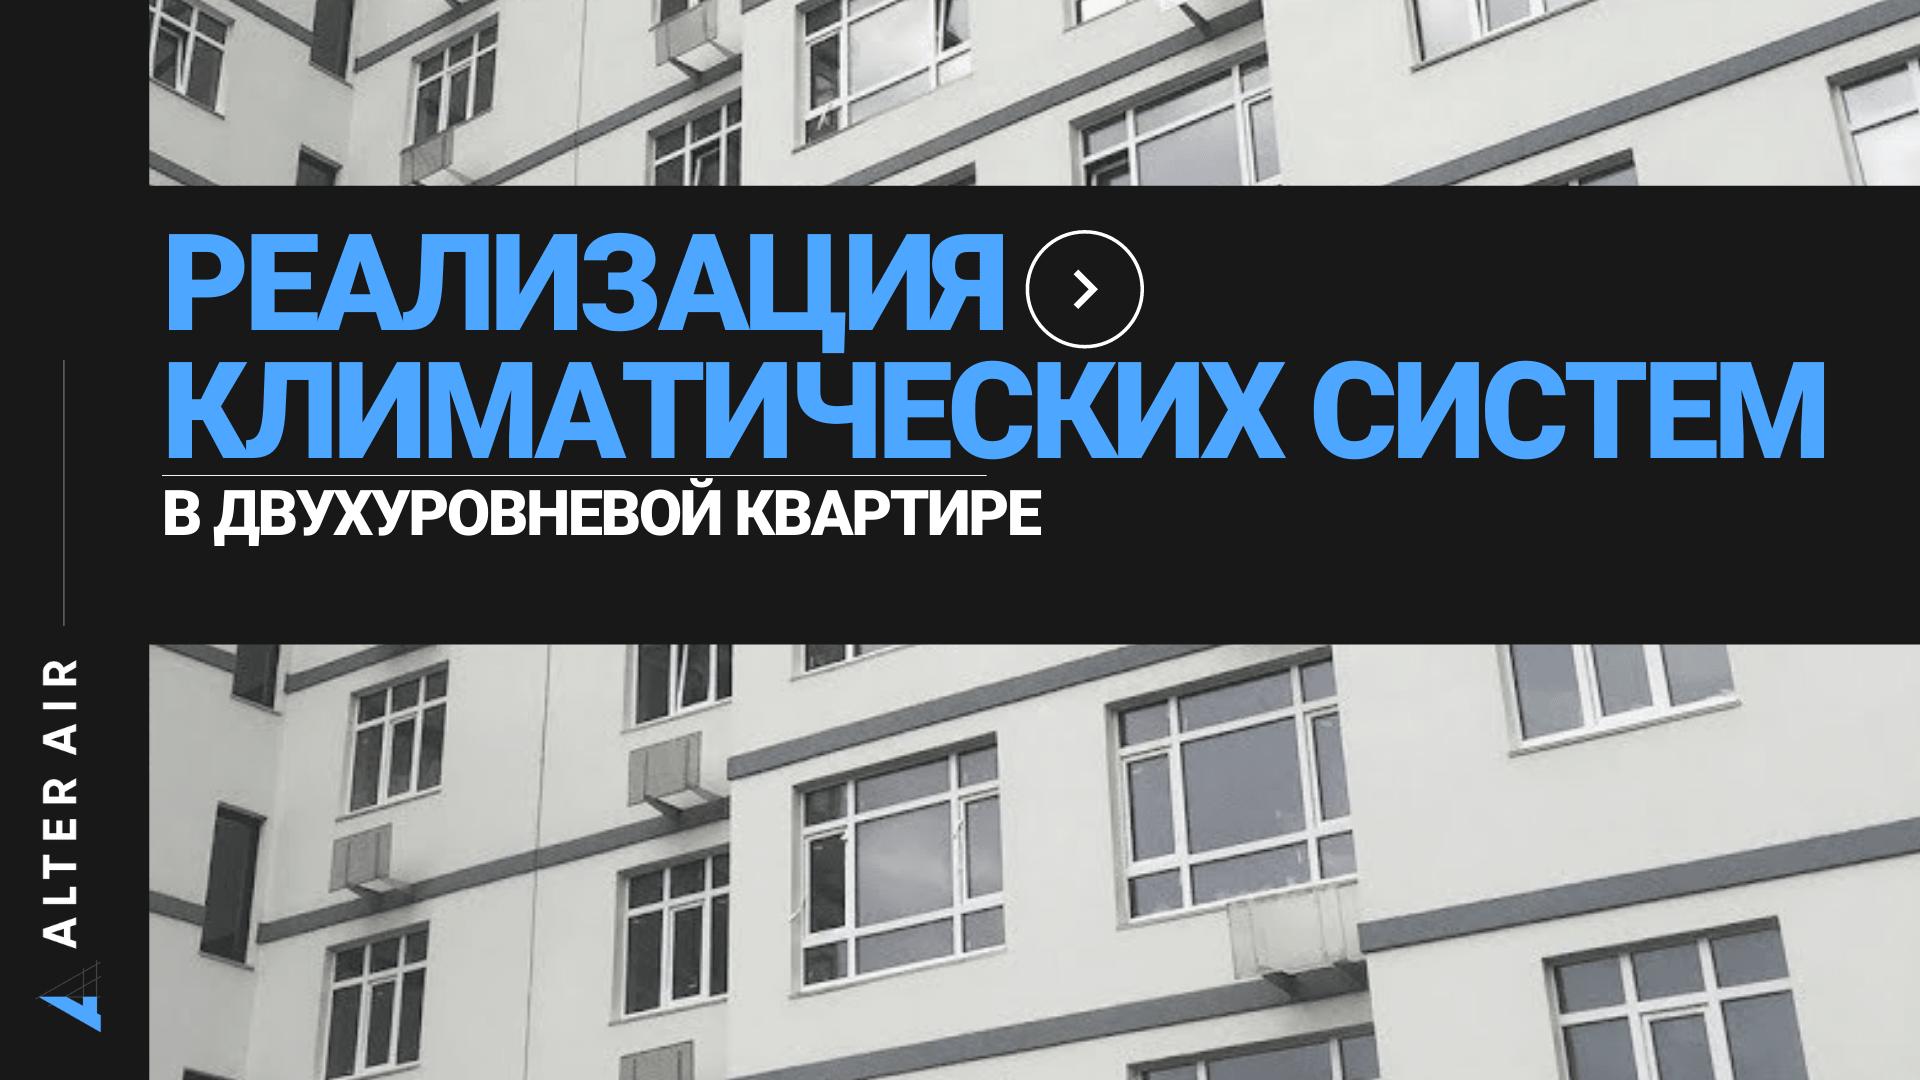 Реалізація кліматичних систем у дворівневій квартирі на базі Maico WS та Daikin (м. Бориспіль)